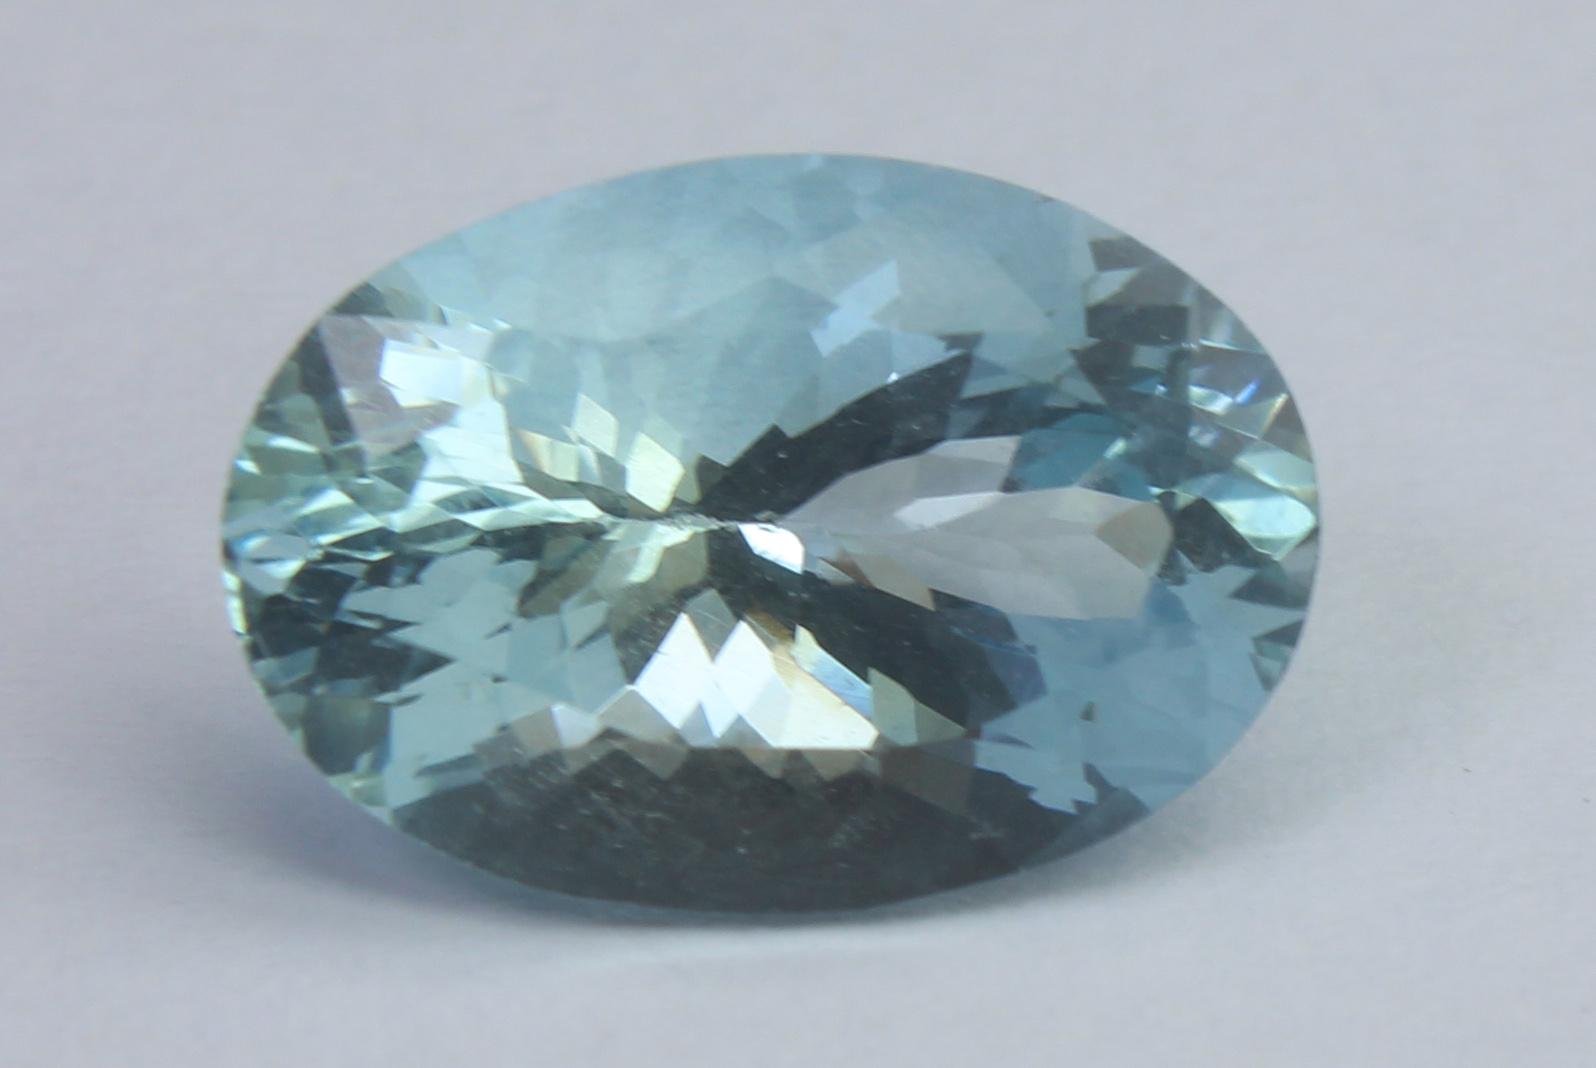 Aquamarine, 4.84 Ct - Image 3 of 5